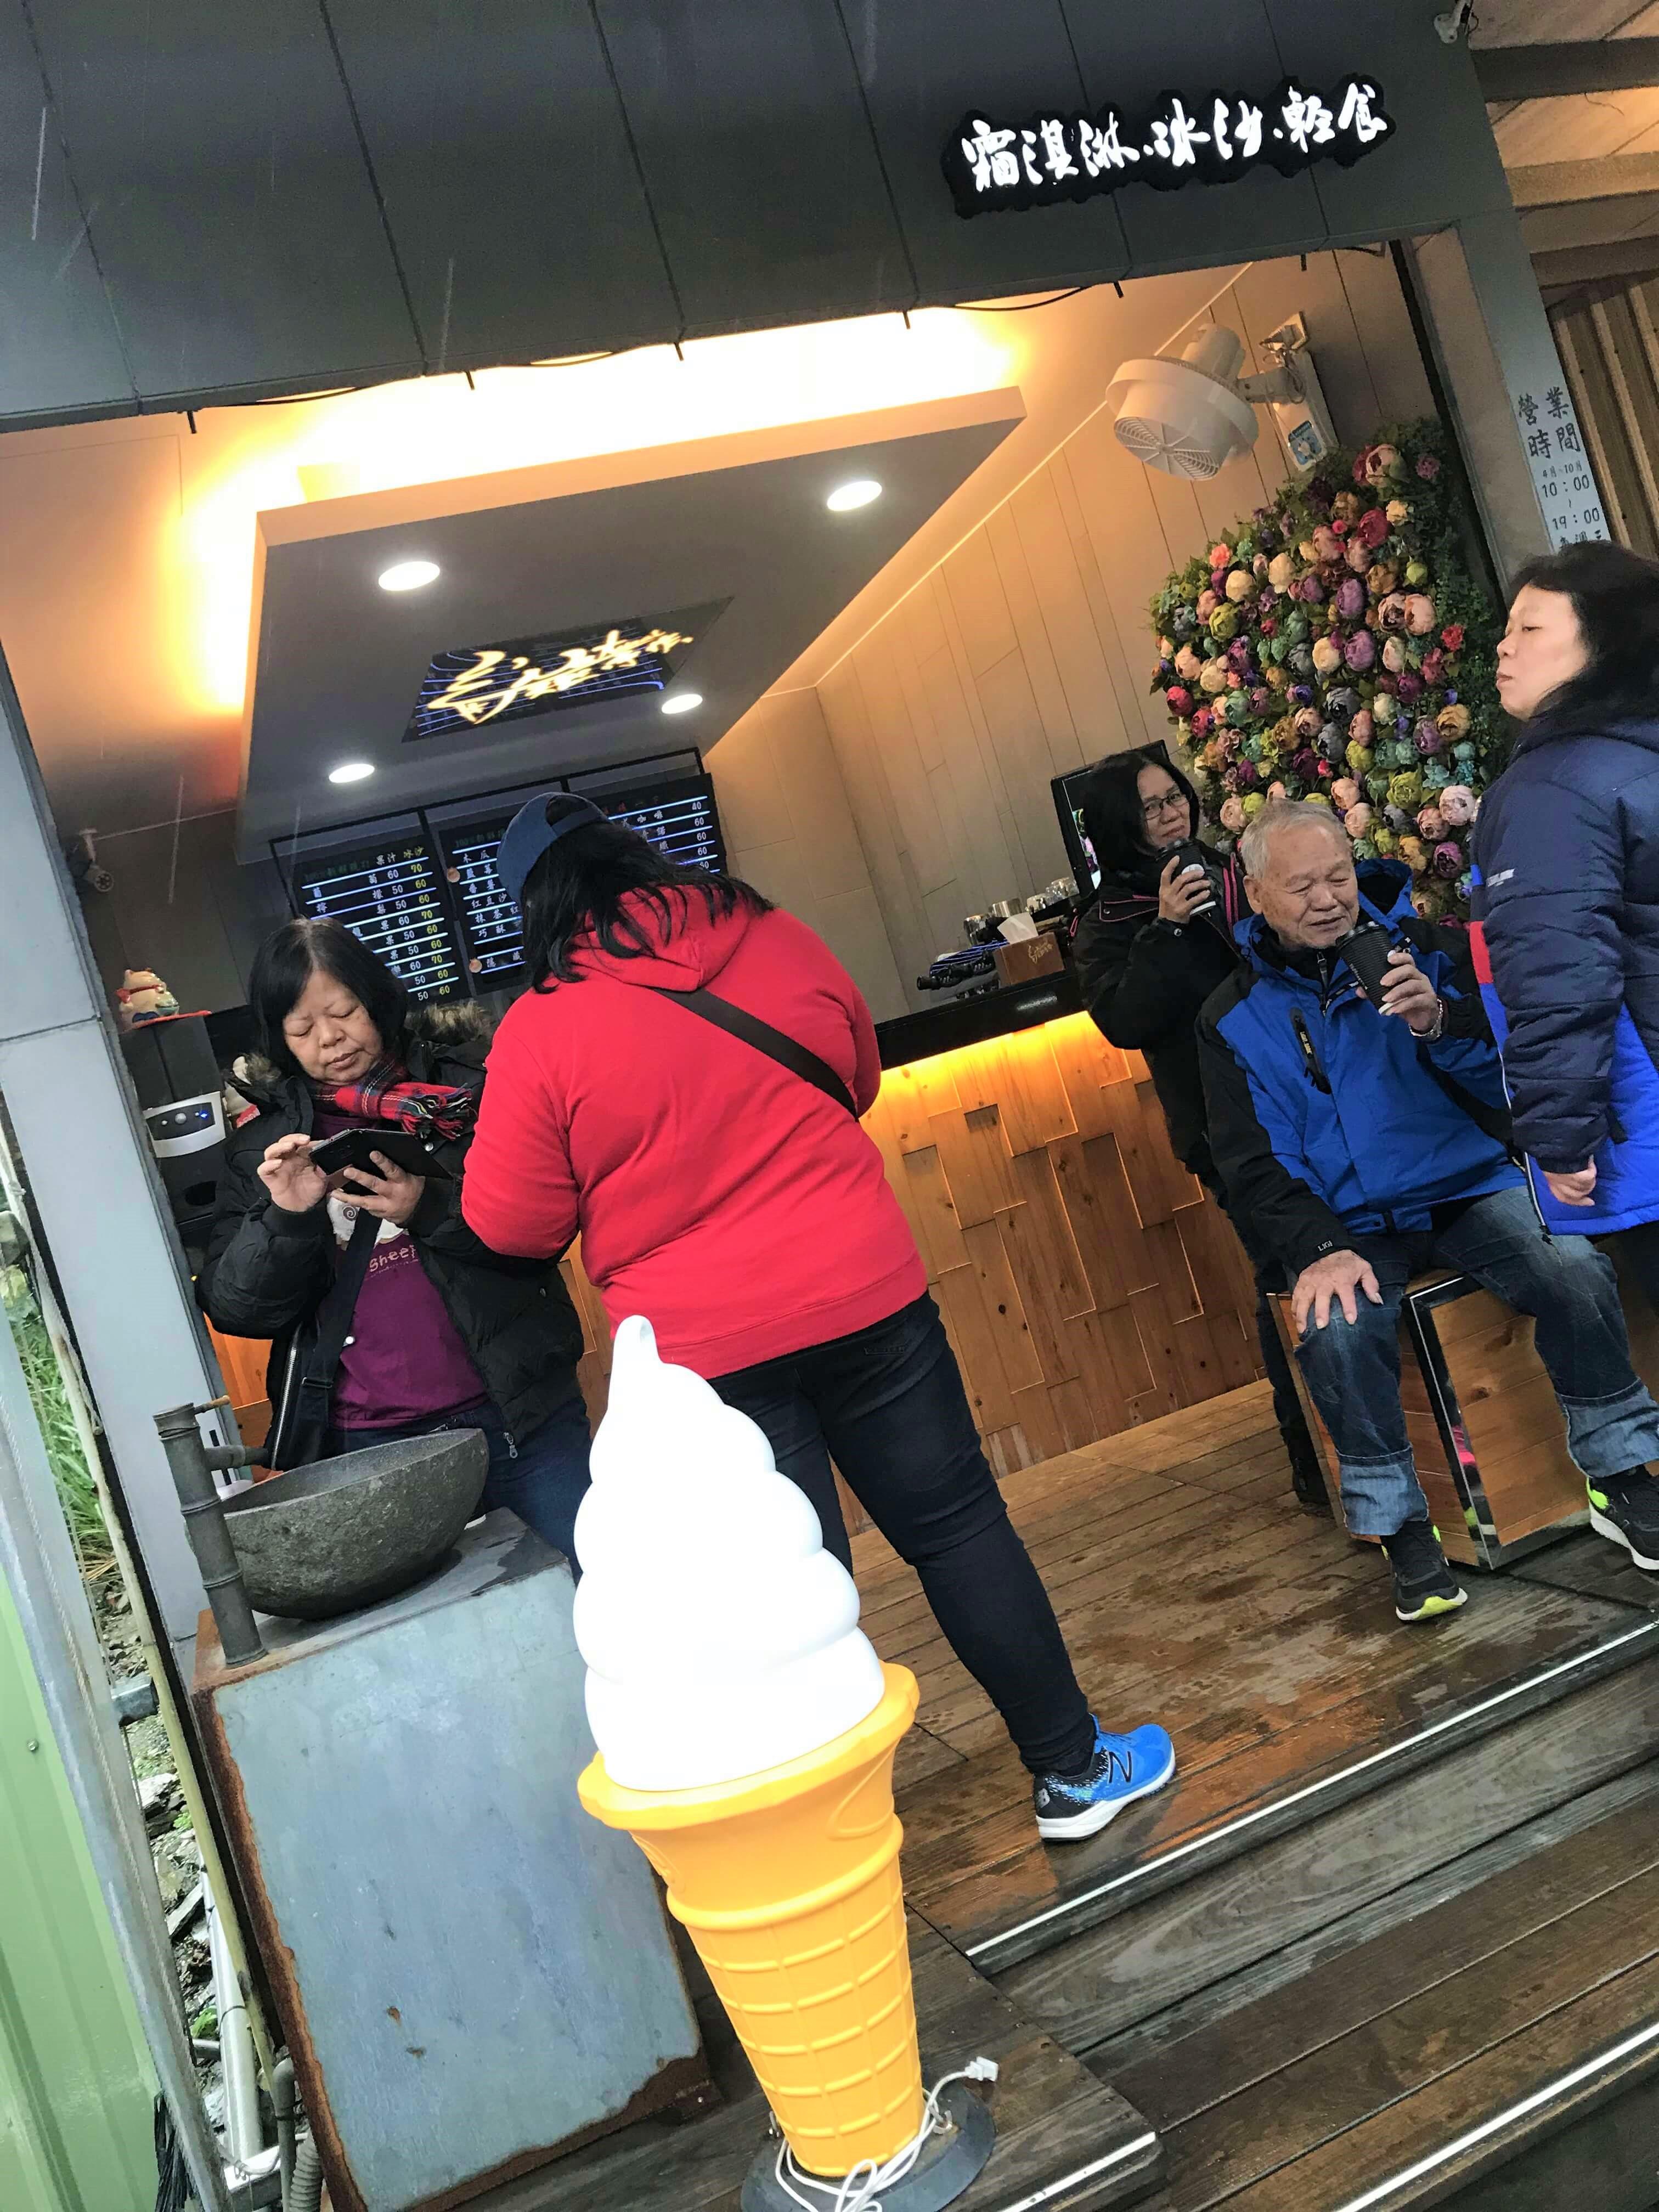 小小的店面連冬天都有許多人來朝聖!Photographer / Penny